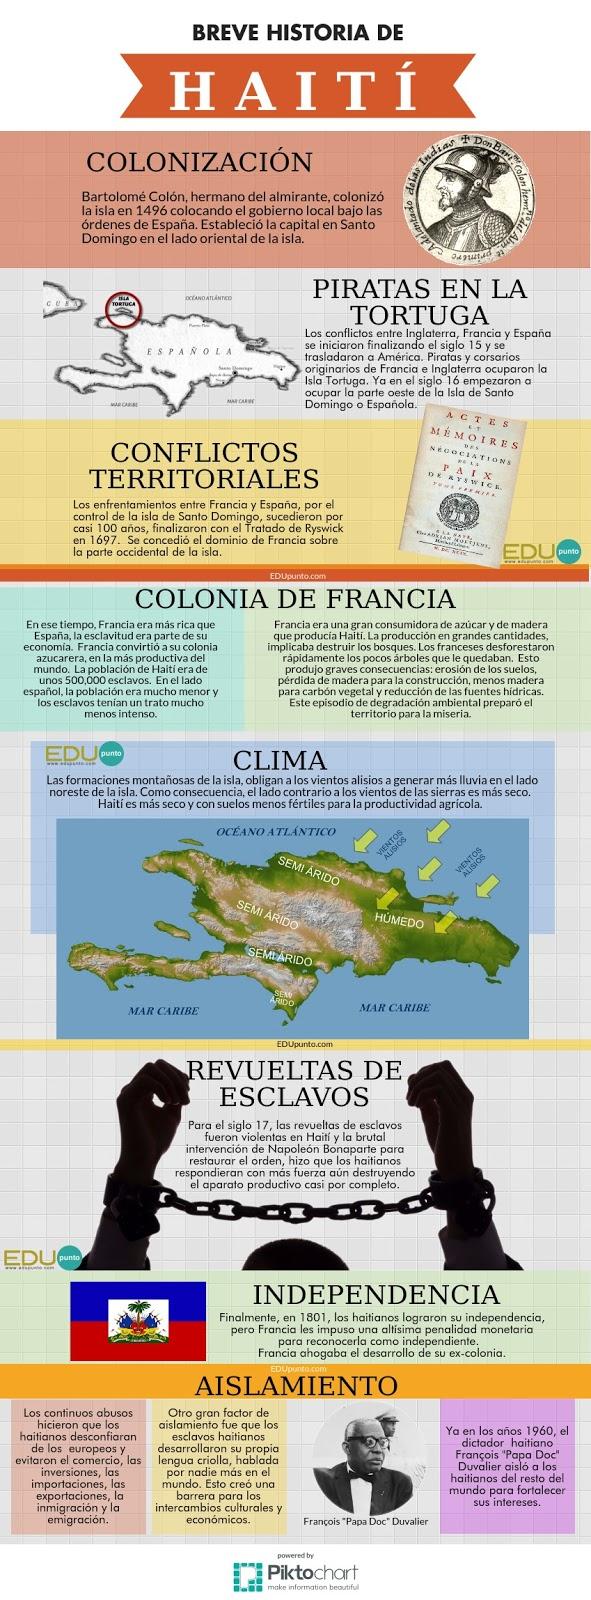 HAITI, HISTORIA, COLONIA, PIRATAS, CONFLICTOS, EDUPUNTO, FRANCIA, ESCLAVOS, AISLAMIENTO